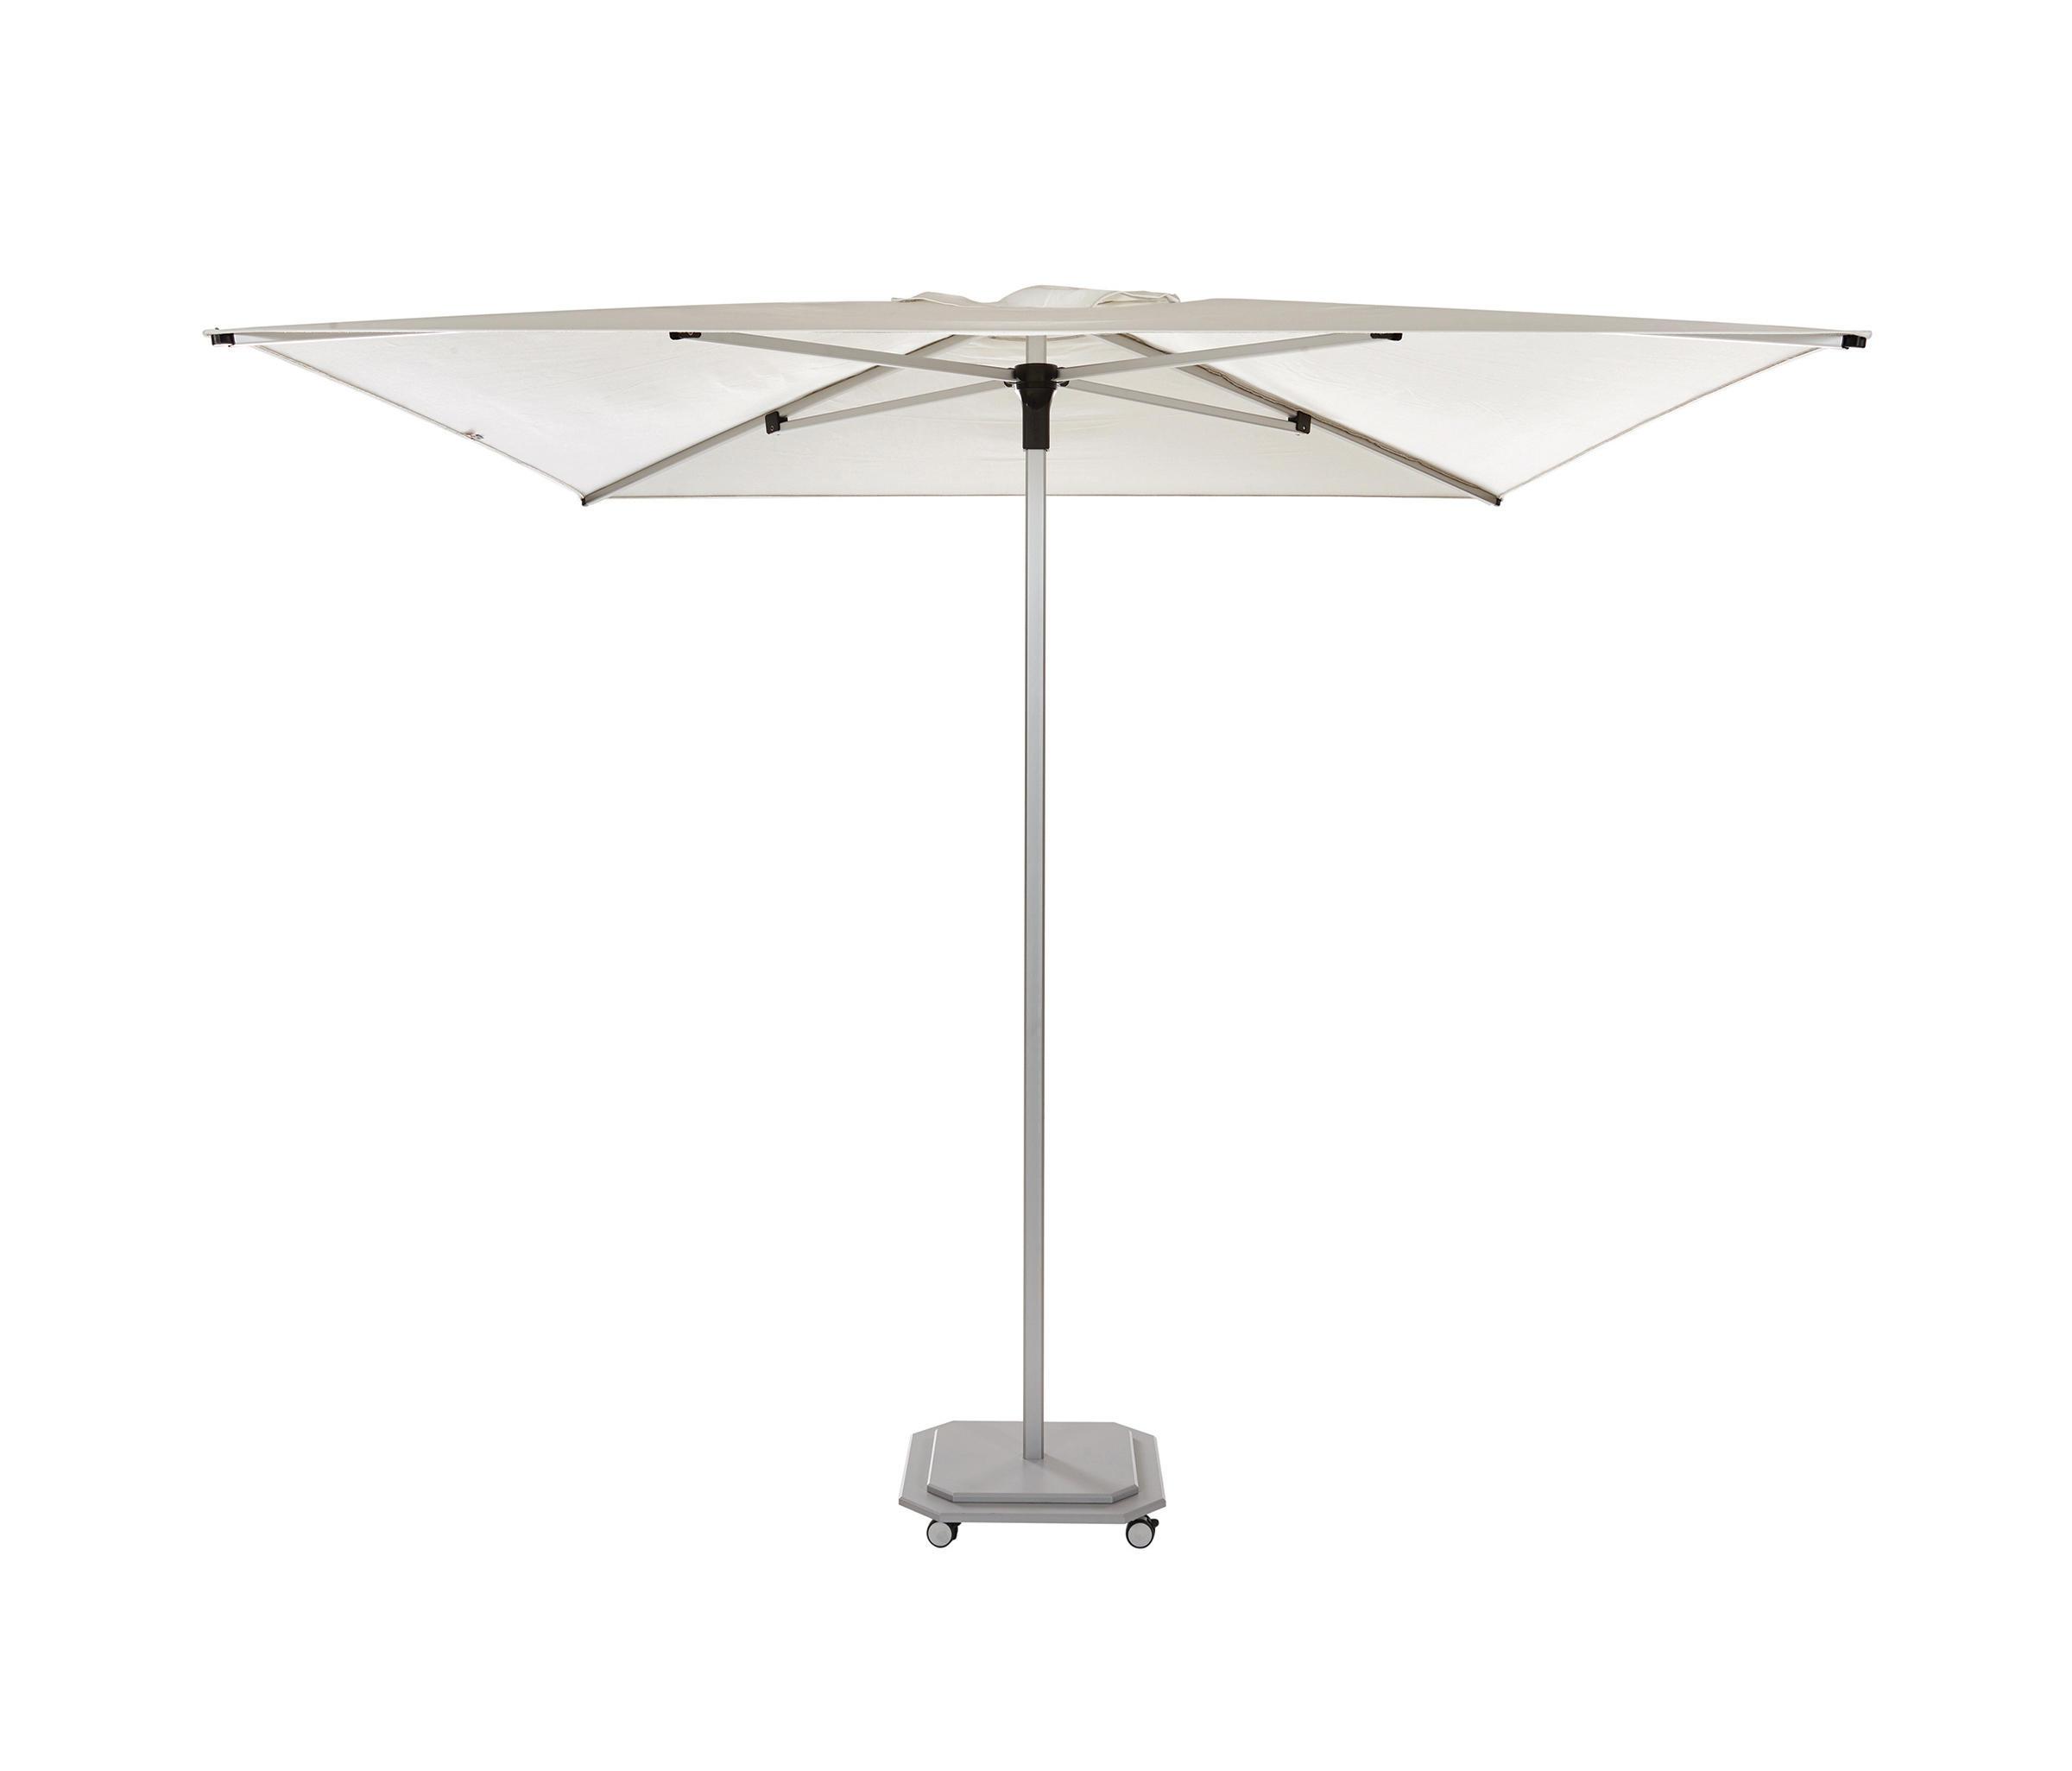 jcp101-23s-product-01-b Incroyable De Parasol Sur Pied Schème